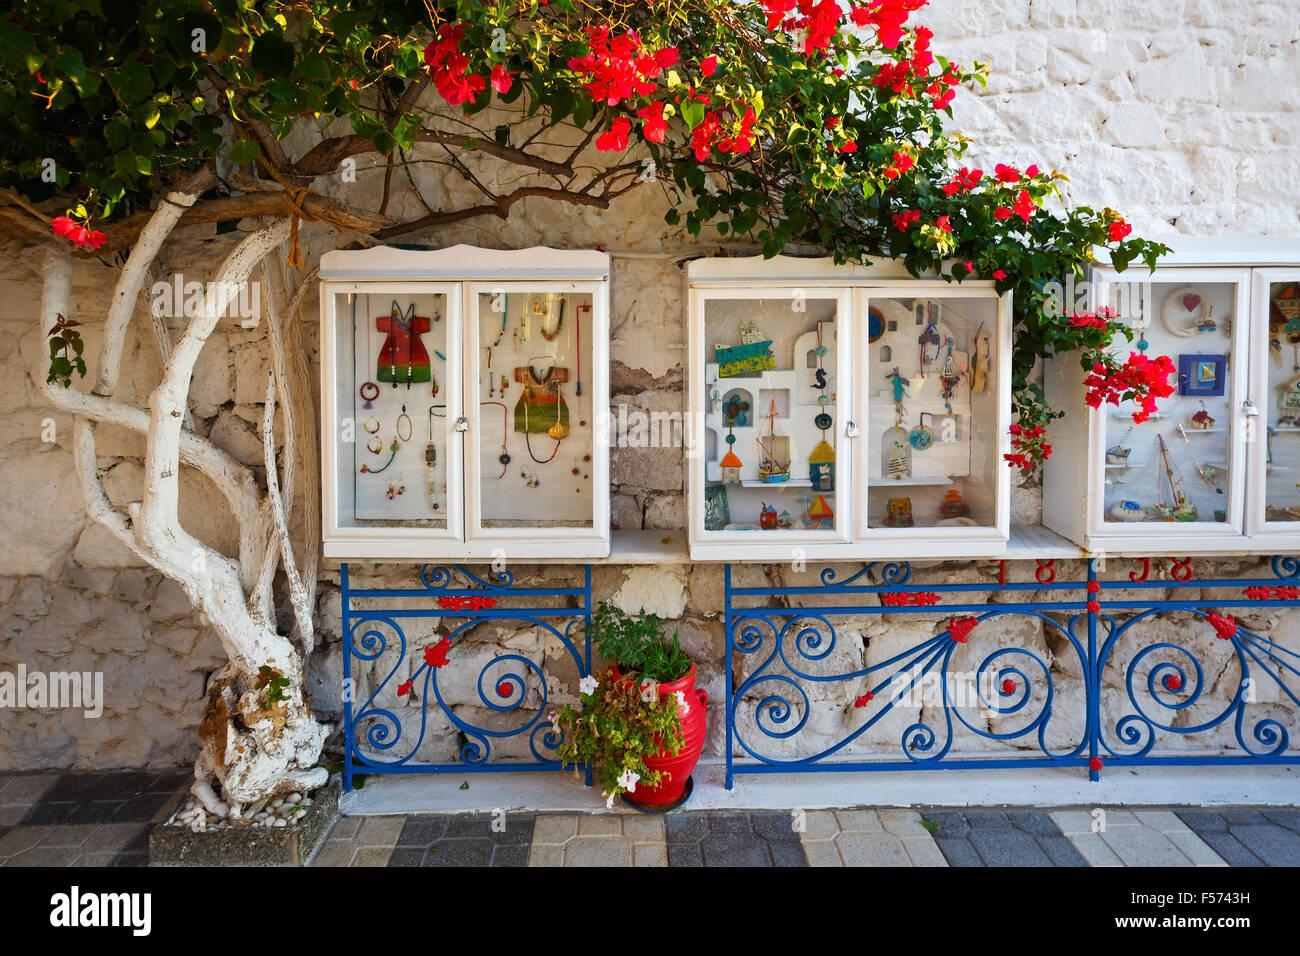 Show cases of a jewelry shop in Adamantas village, Milos island, - Stock Image